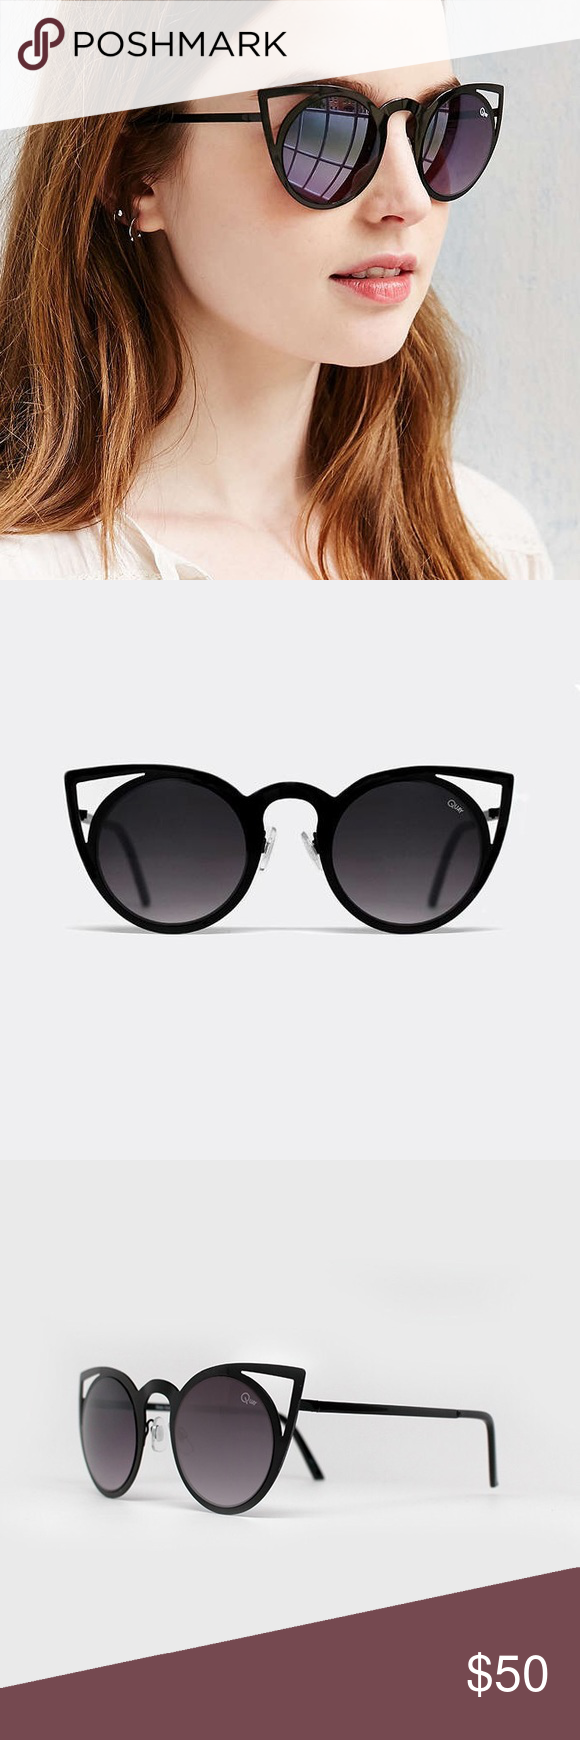 c2e94439168 Quay Invader Cat Eye Sunglasses Quay Invader sunglasses in black. AUTHENTIC QUAY  SUNGLASSES. Price